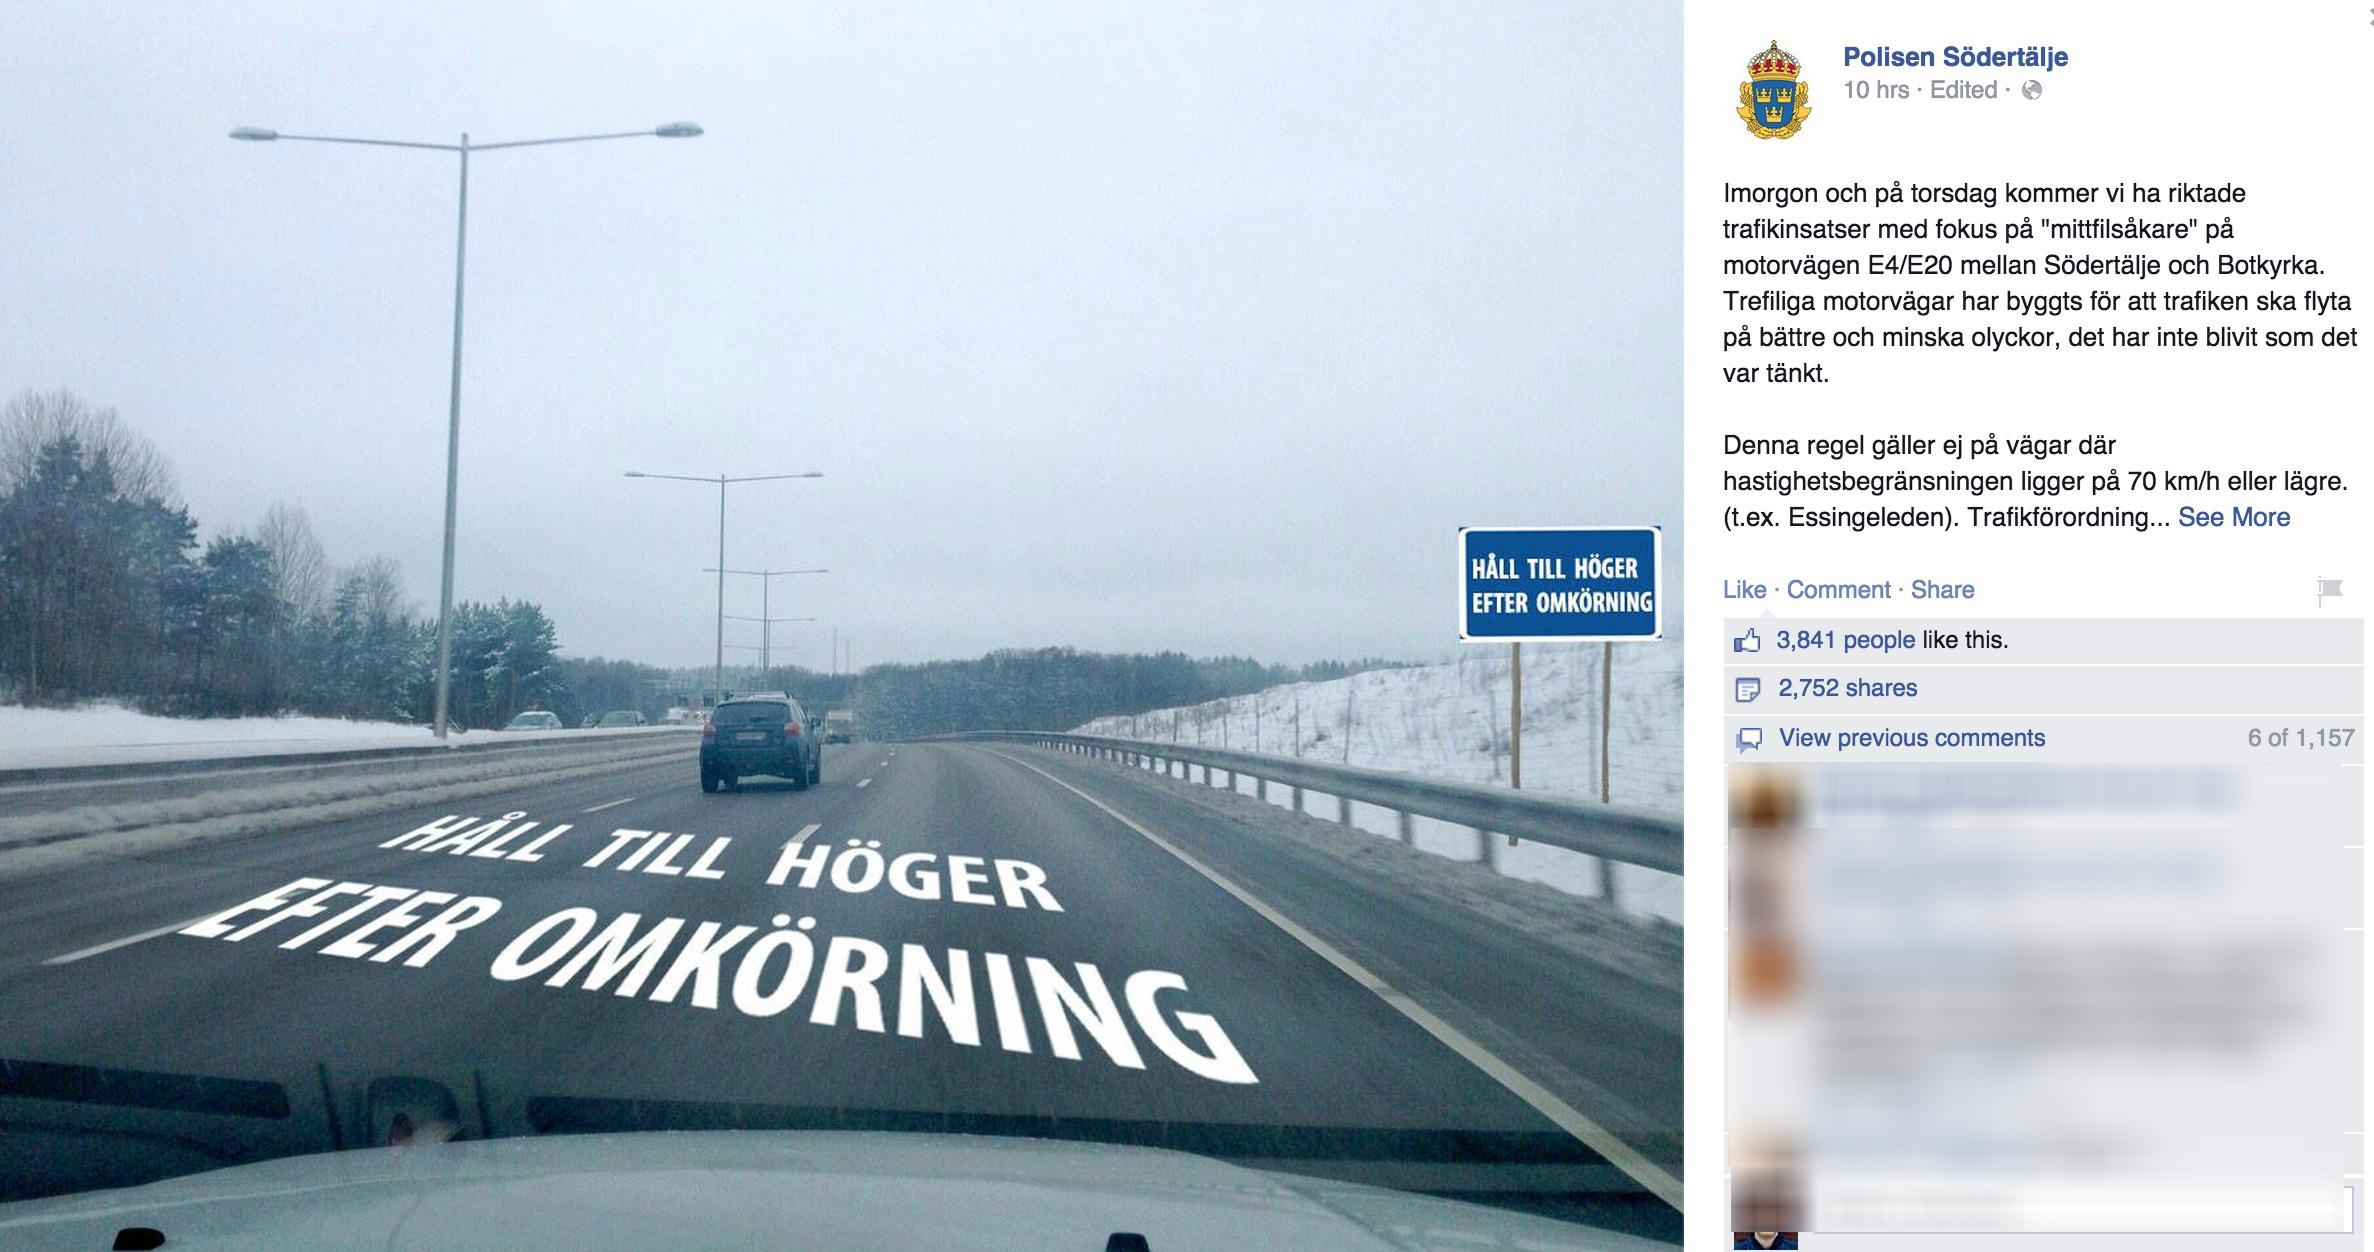 Foto: Polisen Södertälje / Facebook.